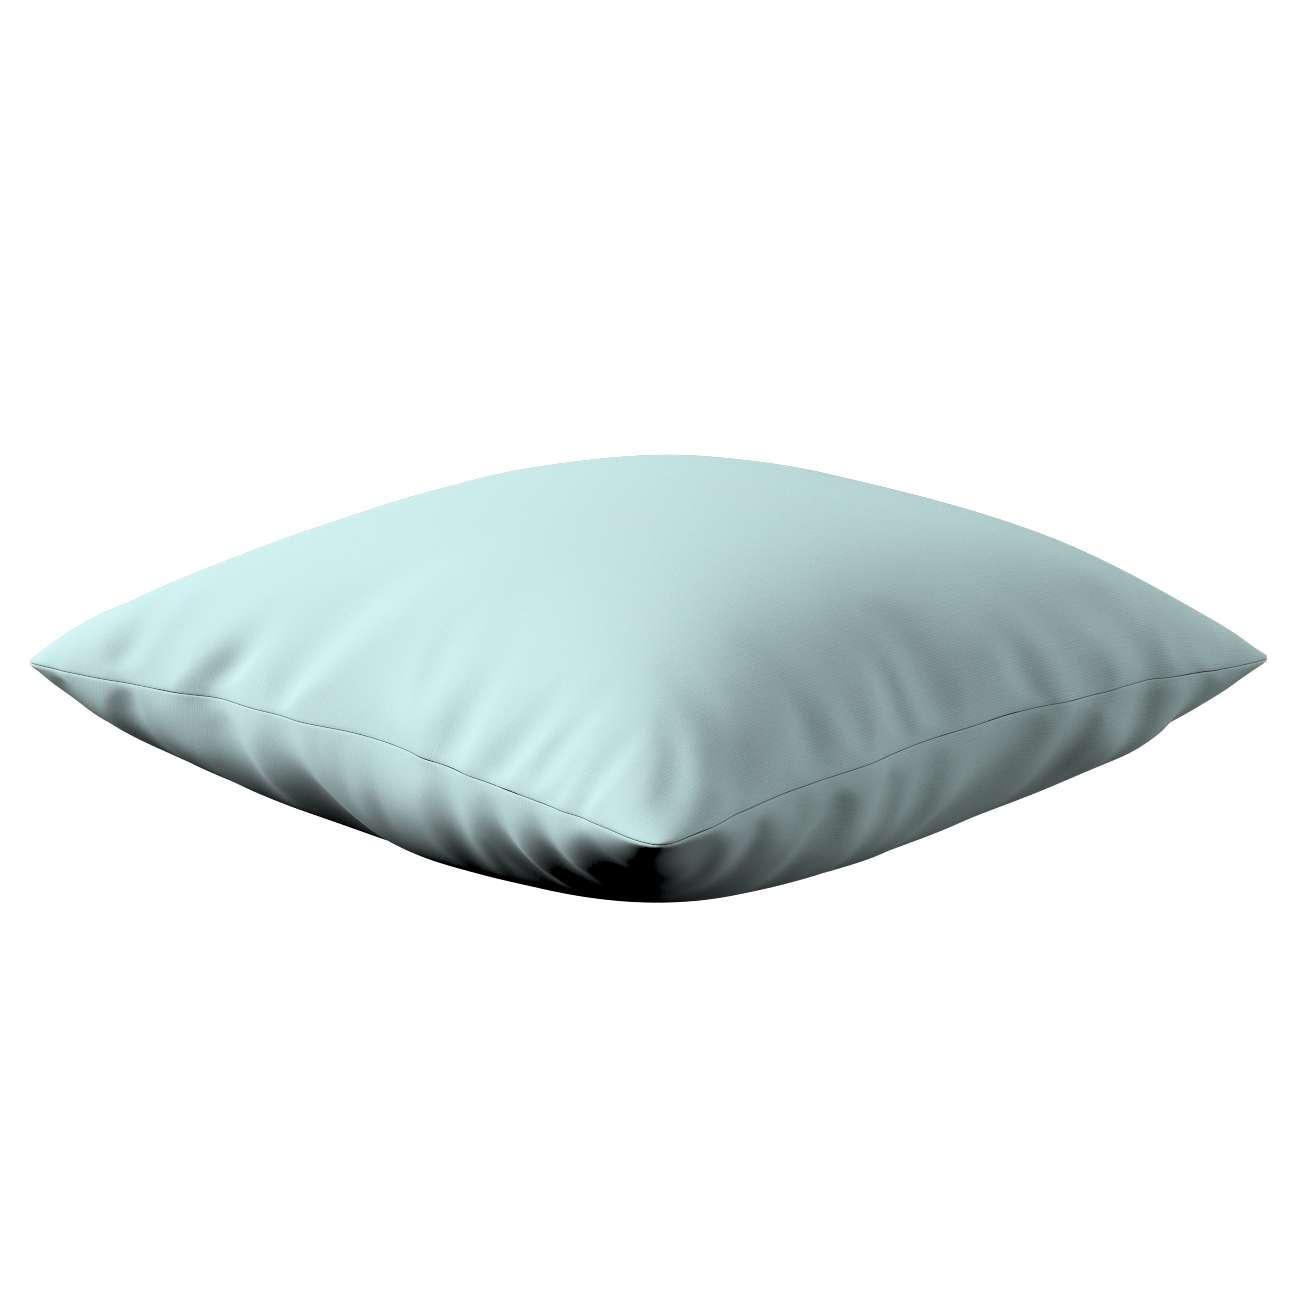 Milly dekoratyvinės pagalvėlės užvakalas kolekcijoje Cotton Story, audinys: 702-10